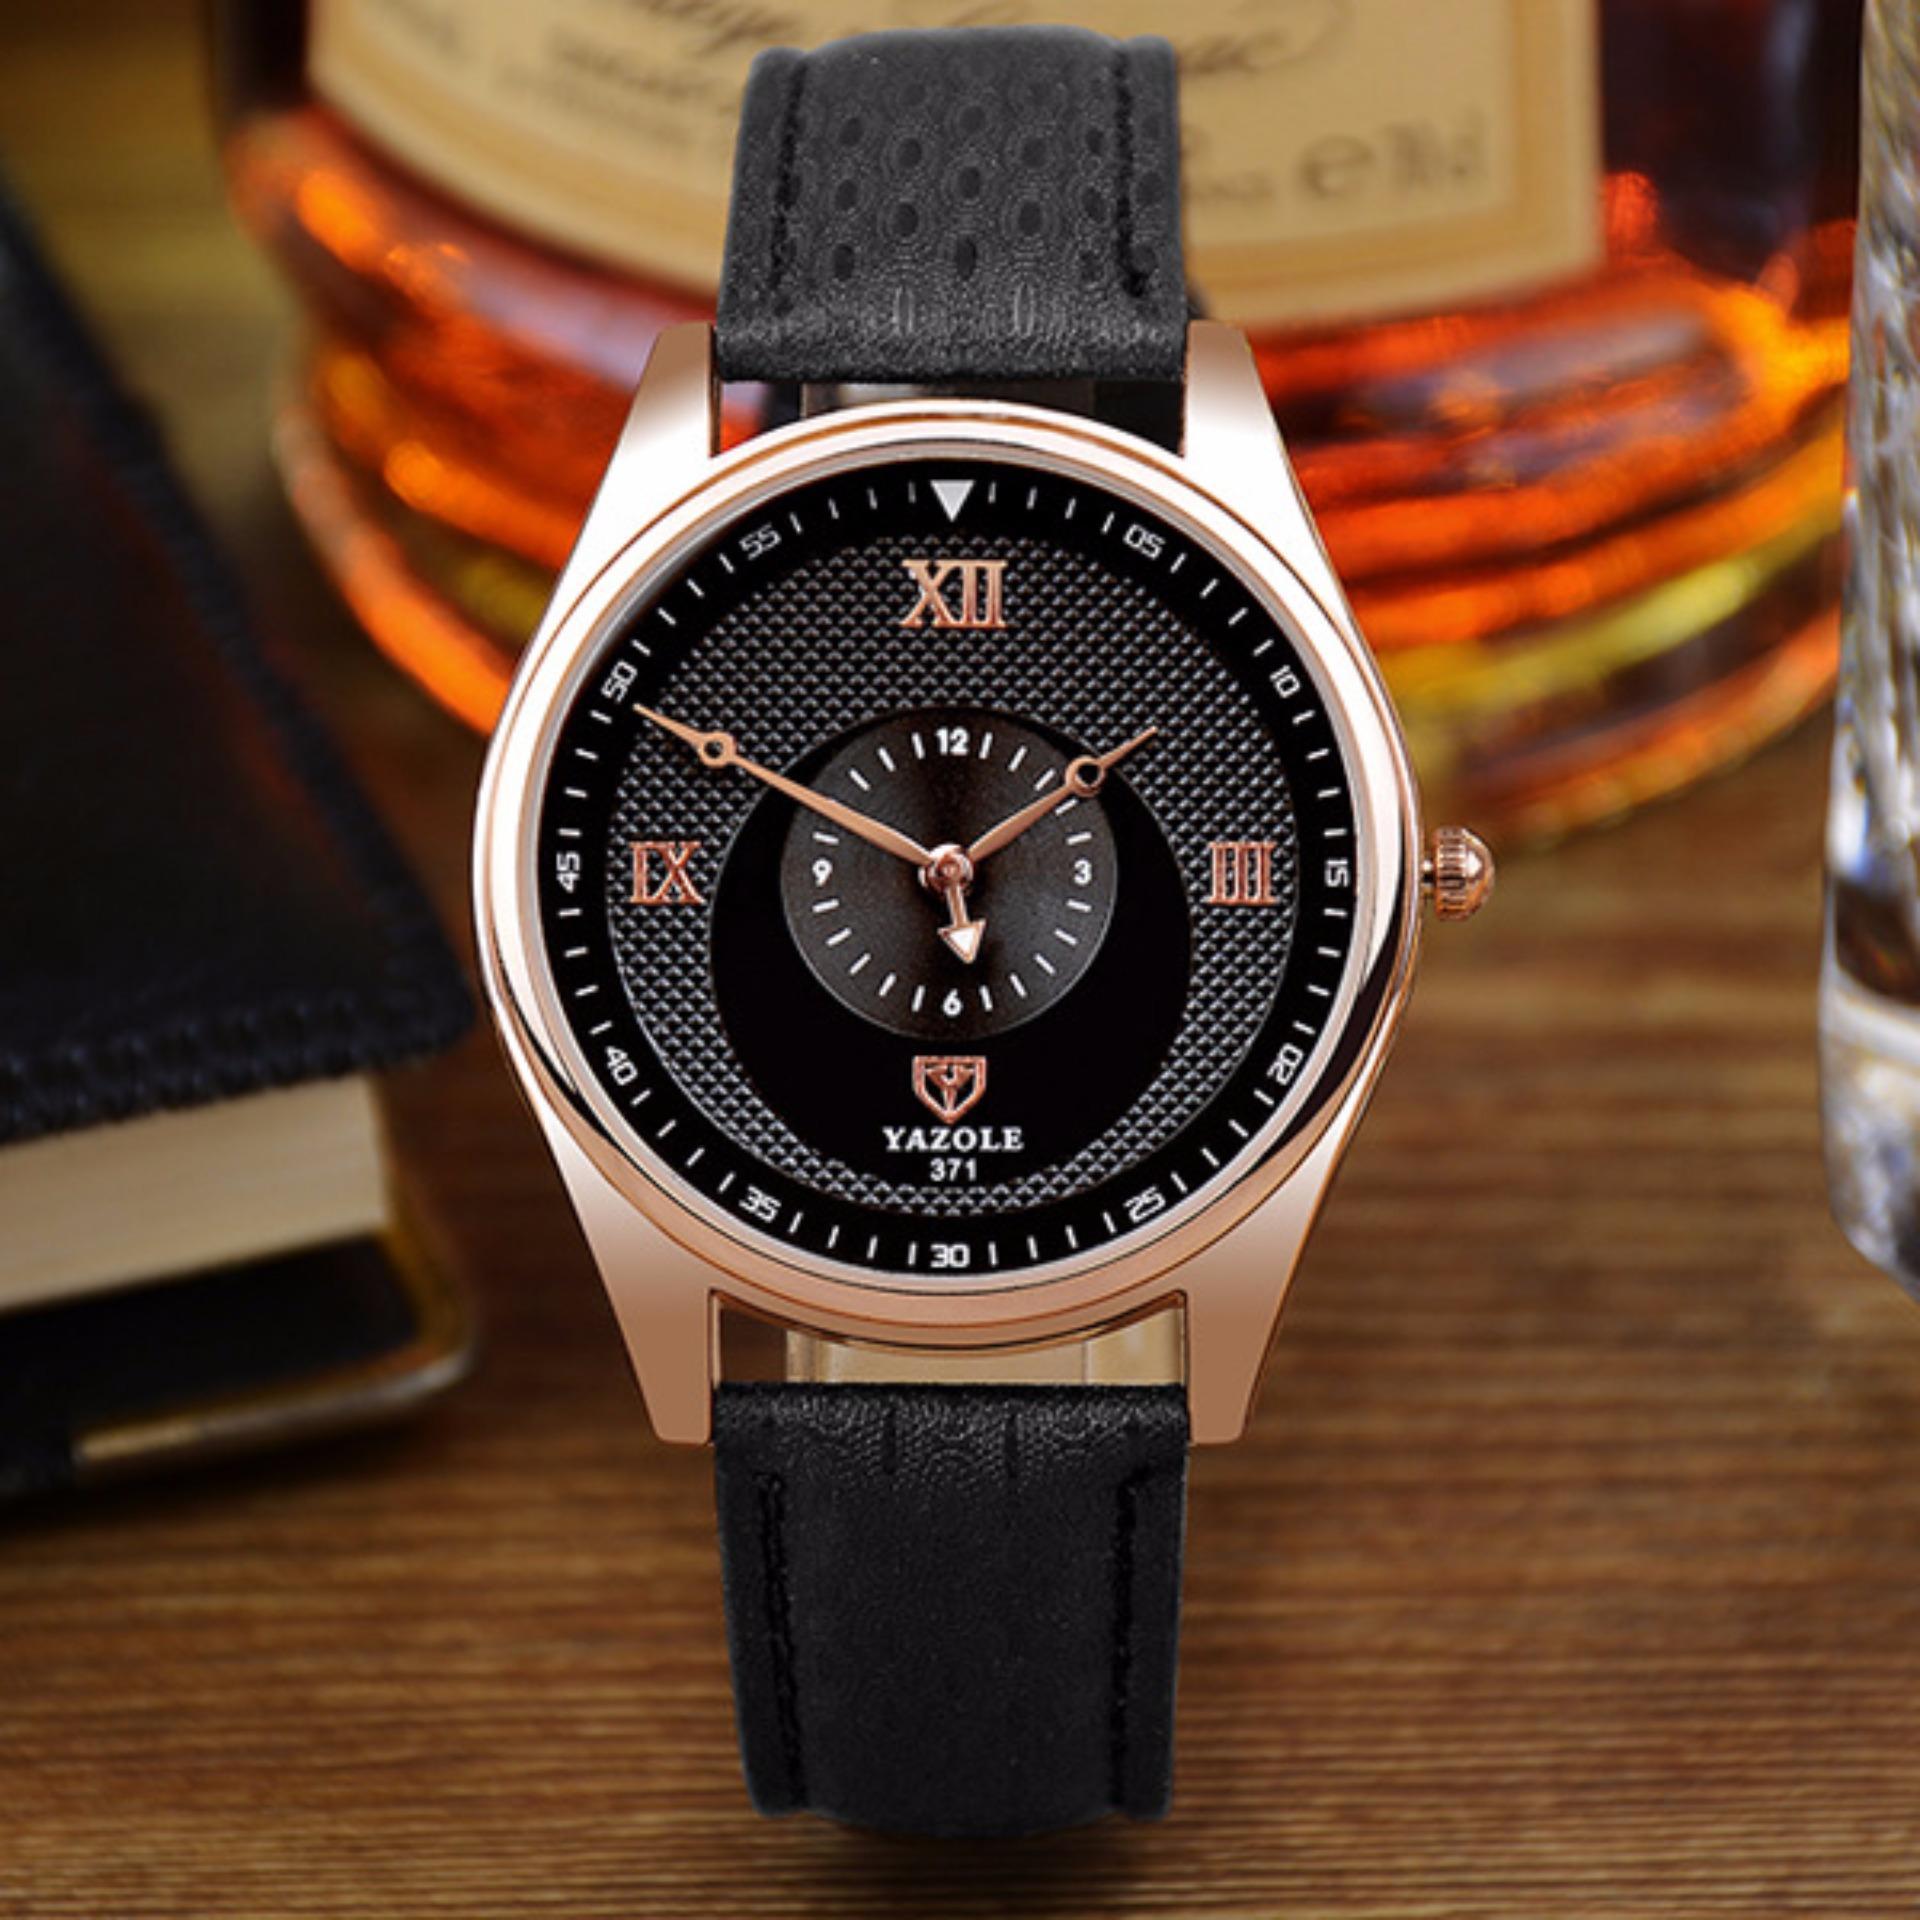 Đồng hồ yazole 371 dây da tinh tế